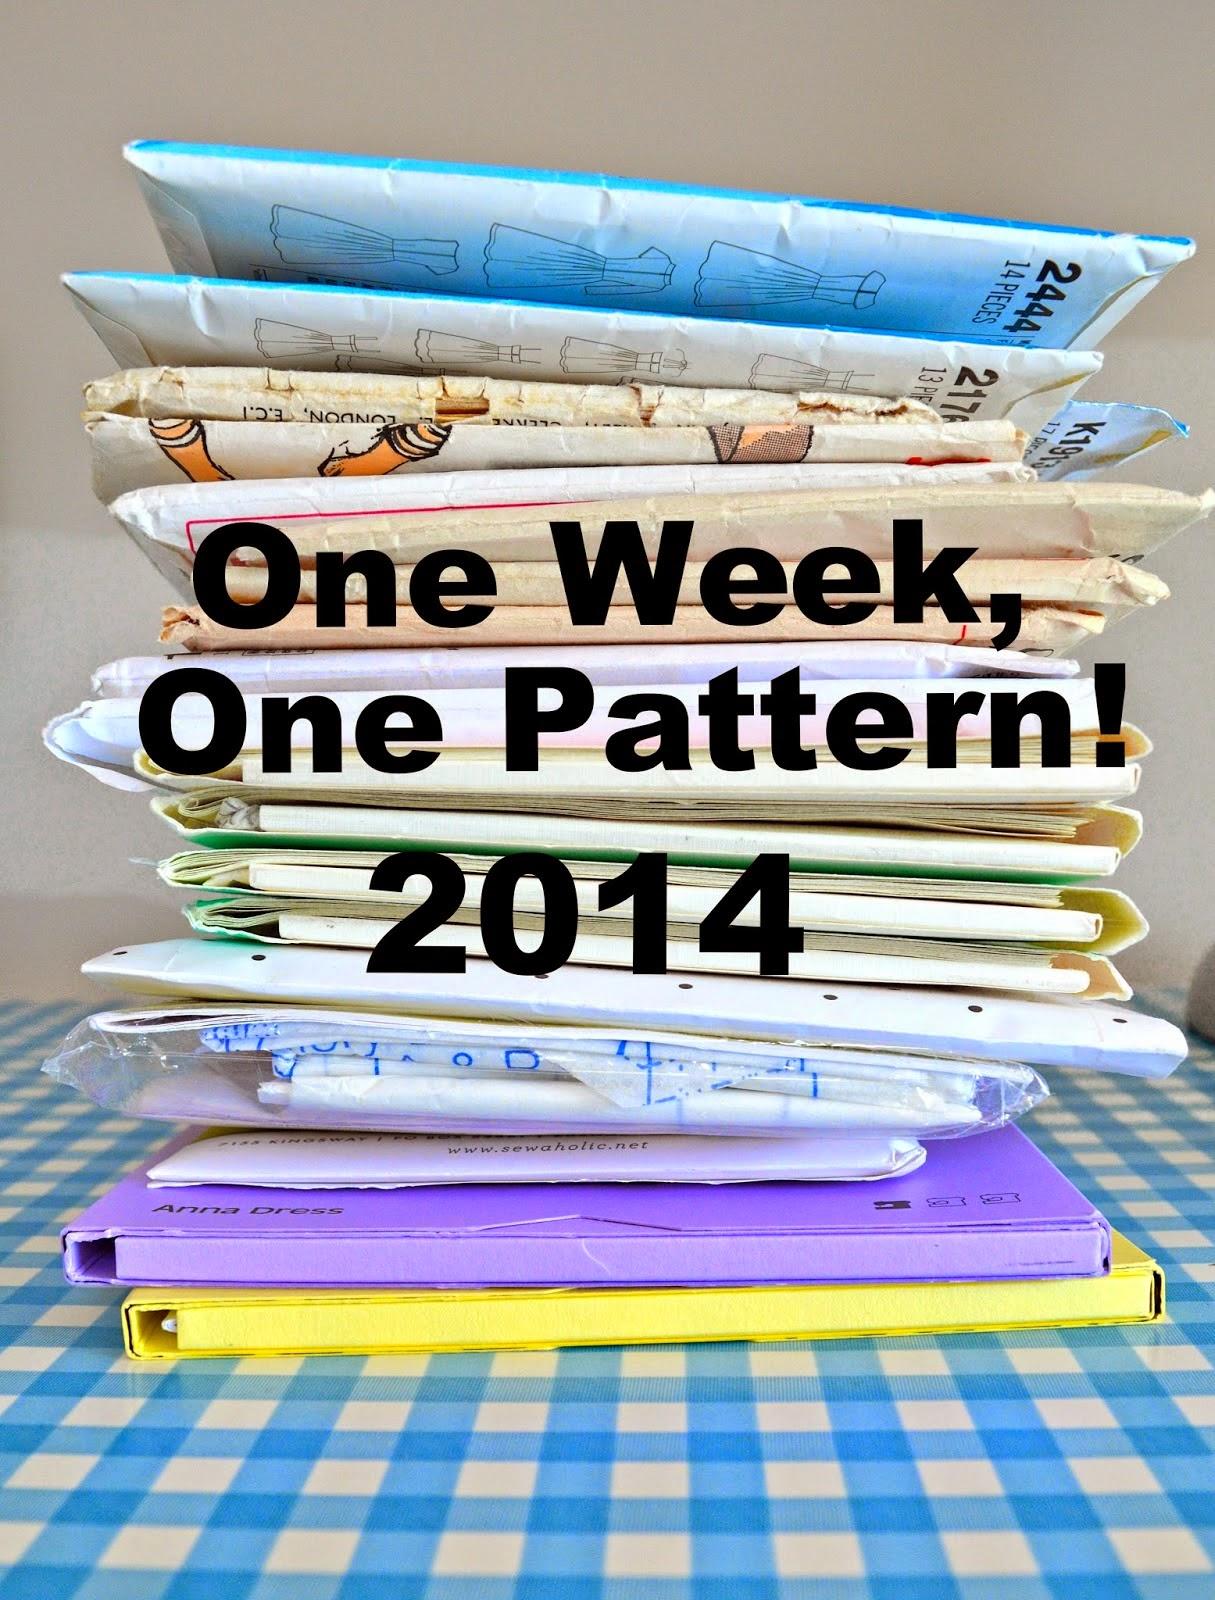 One Week One Pattern 2014